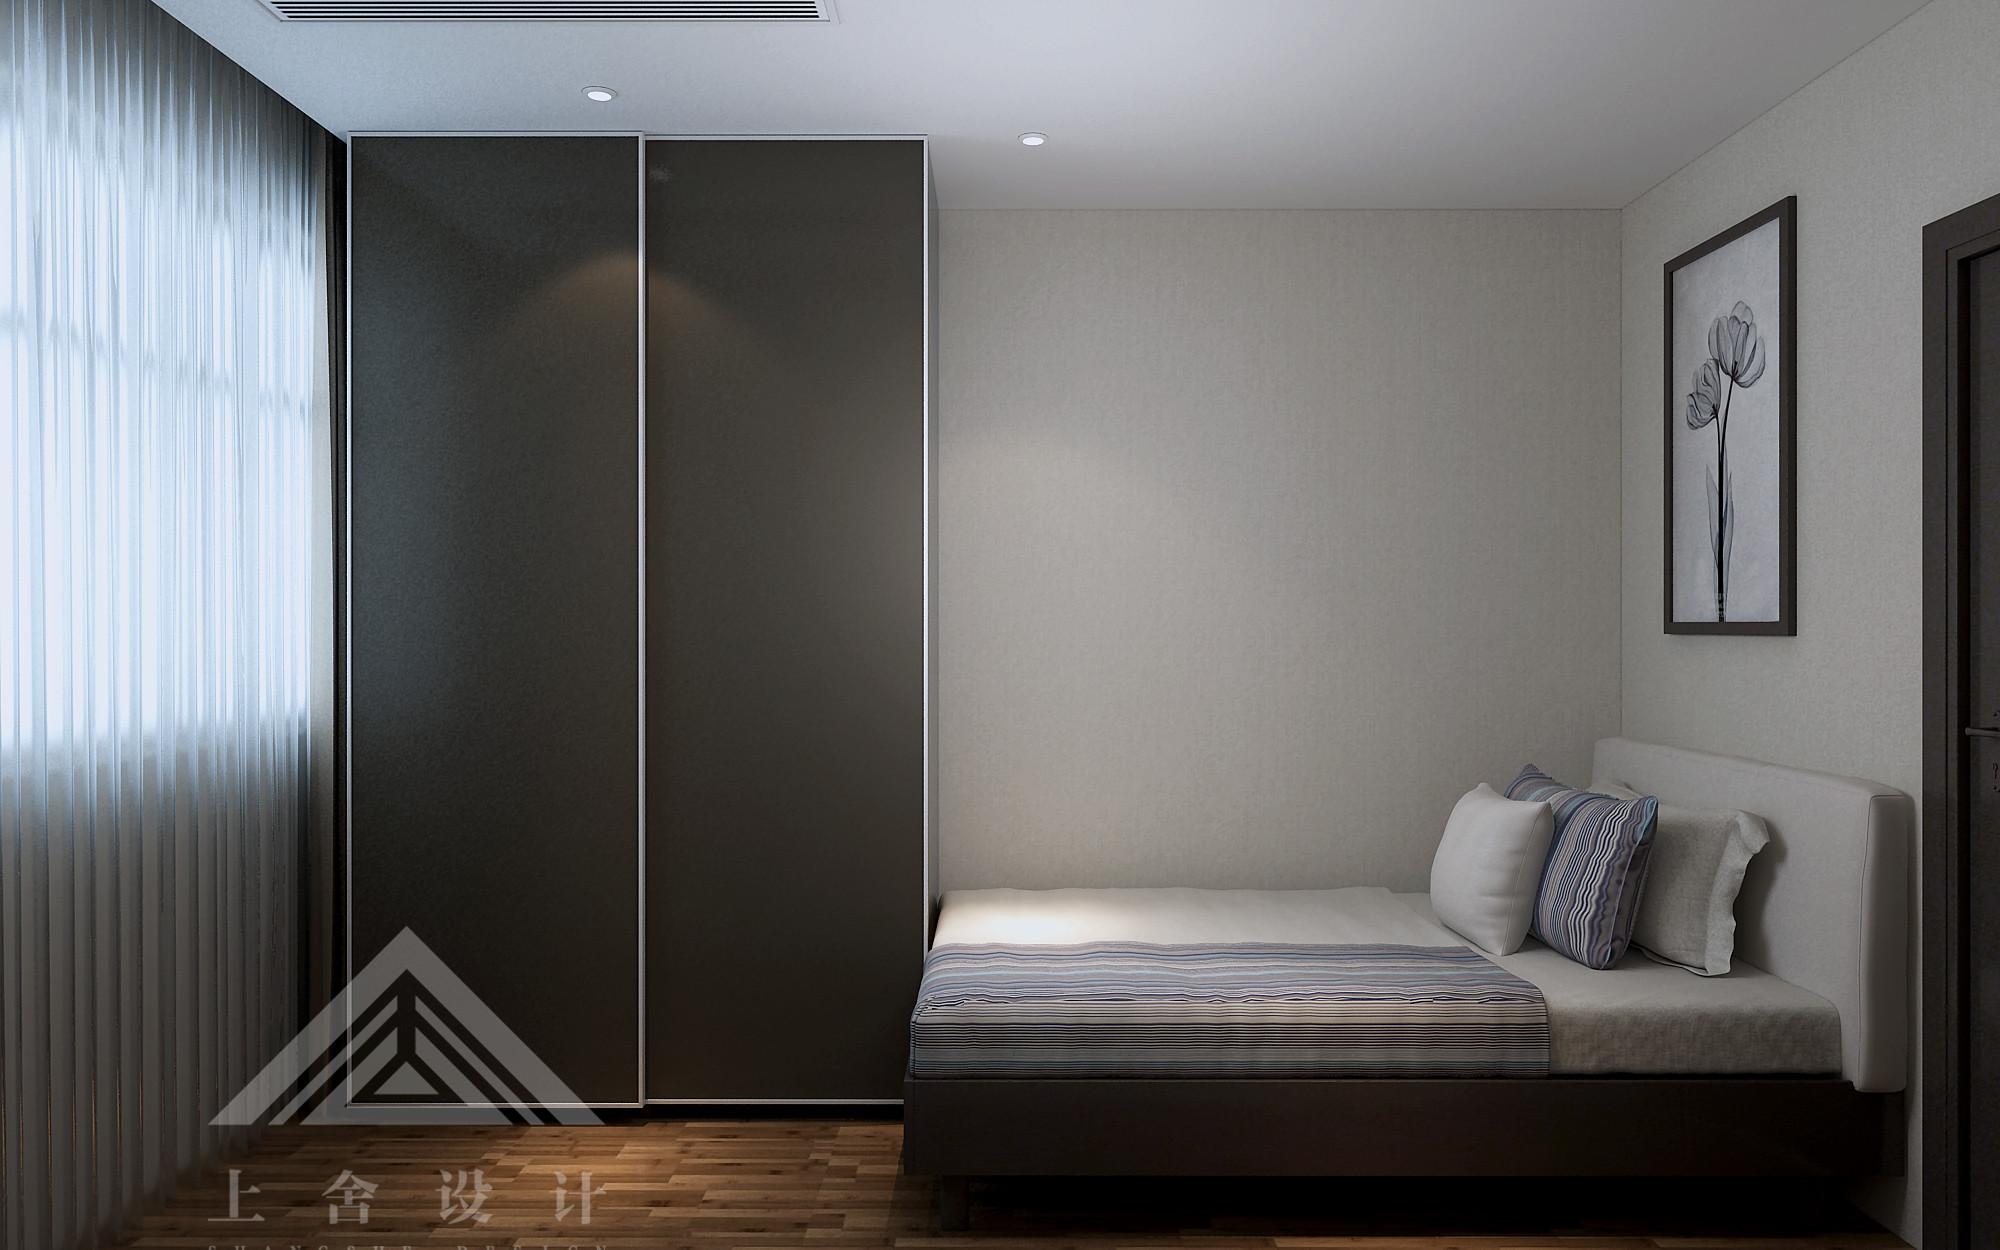 新中式卧室装修设计效果图